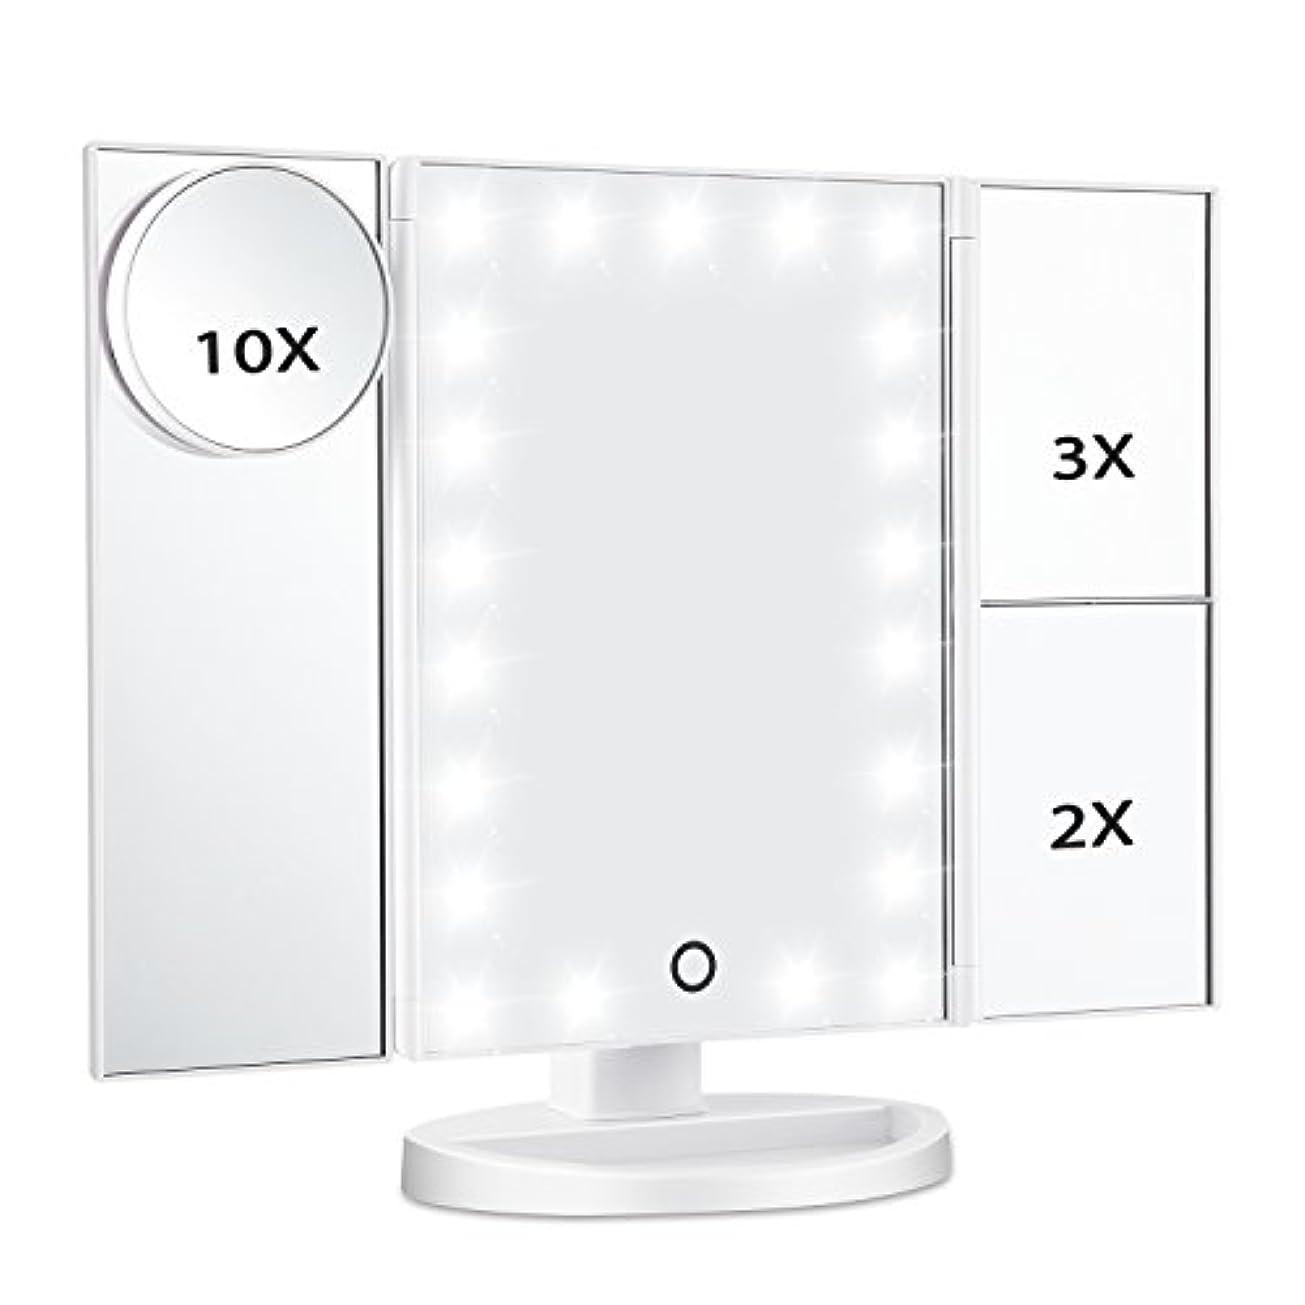 根絶する病複合Magicfly 化粧鏡 LED三面鏡 ミラー 折り畳み式 10X /3X/2X拡大鏡付き 明るさ調節可能180°回転 電池/USB 2WAY給電(ホワイト)